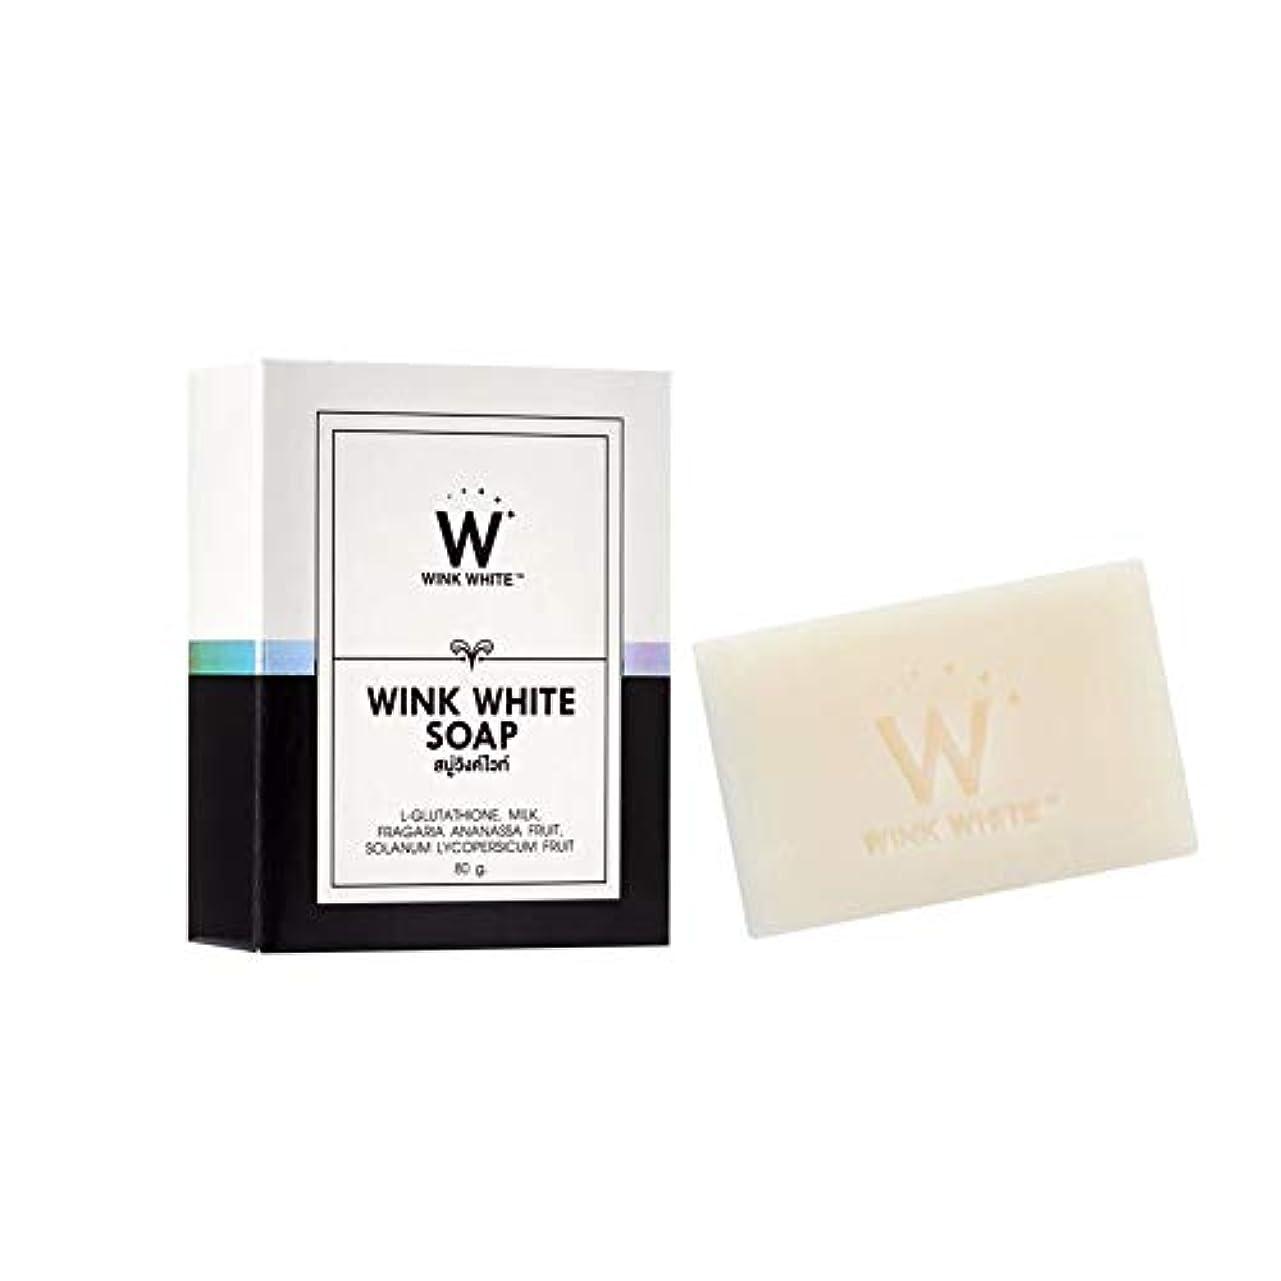 ゾーンくすぐったい定規Soap Net Nature White Soap Base Wink White Soap Gluta Pure Skin Body Whitening Strawberry for Whitening Skin All...